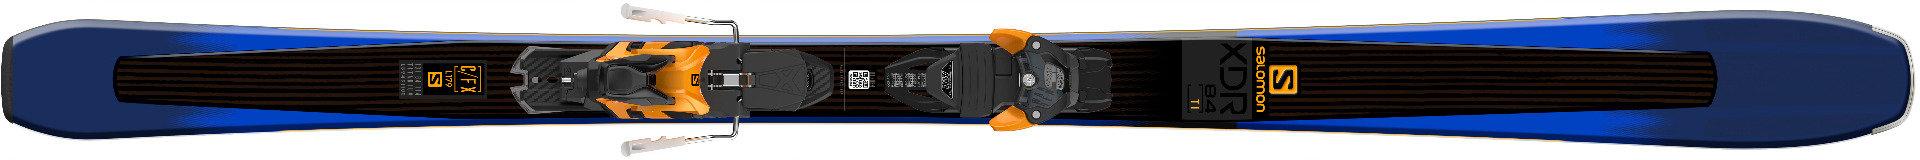 Ces skis ont été conçus pour les skieurs experts à la recherche d'un programme piste polyvalence. Ils offrent une glisse bien amortie et stable. – 800,00€ - © Salomon